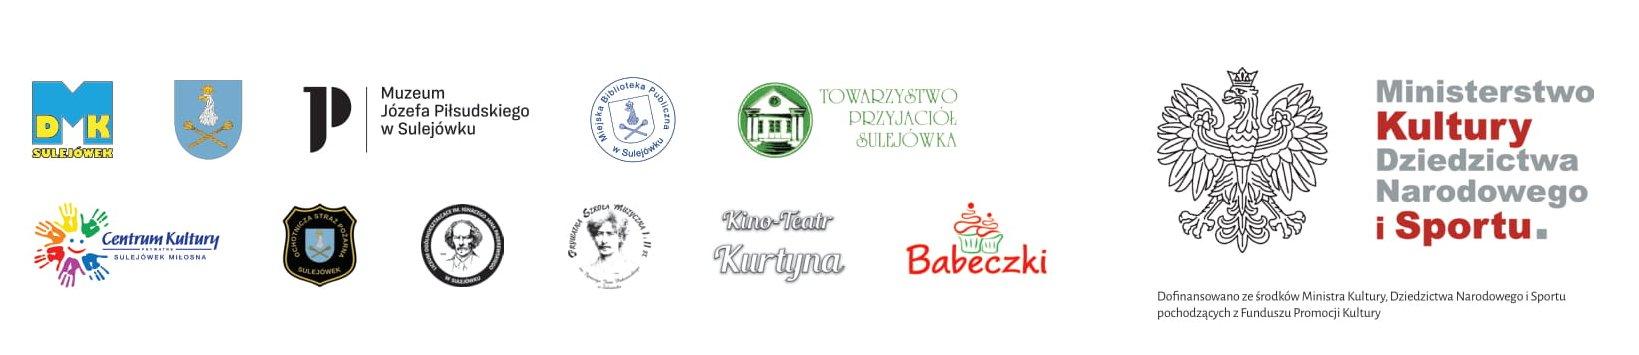 logotypy partnerów Festiwalu Zofiówka